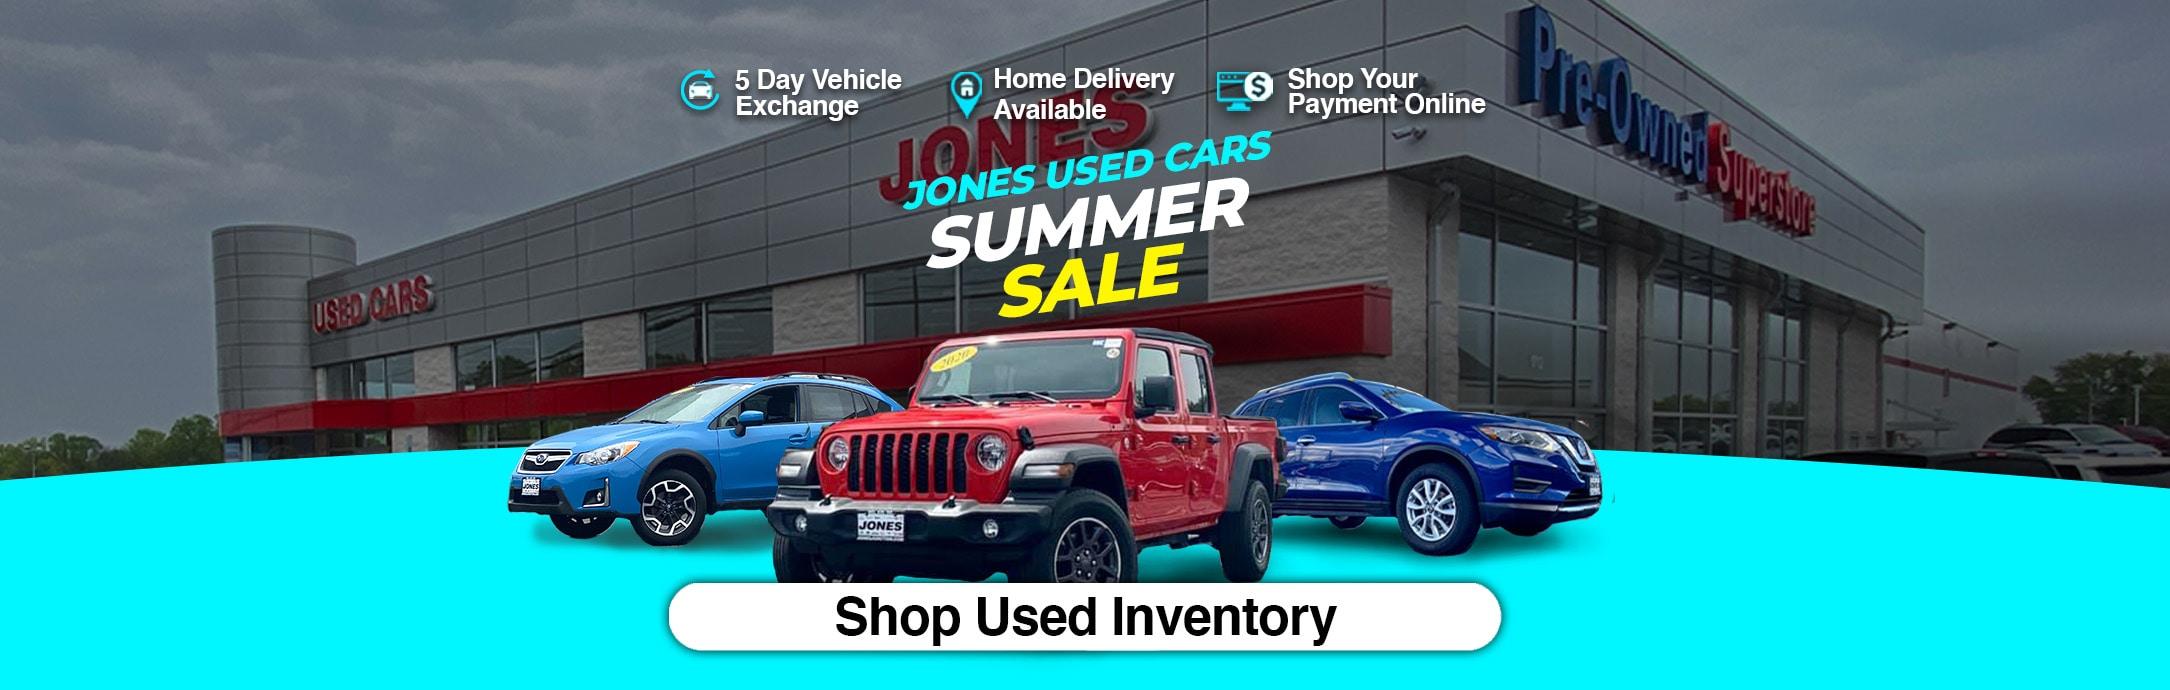 Toyota Belair Rd >> Jones Used Cars: Used Car Dealership in Bel Air, MD ...